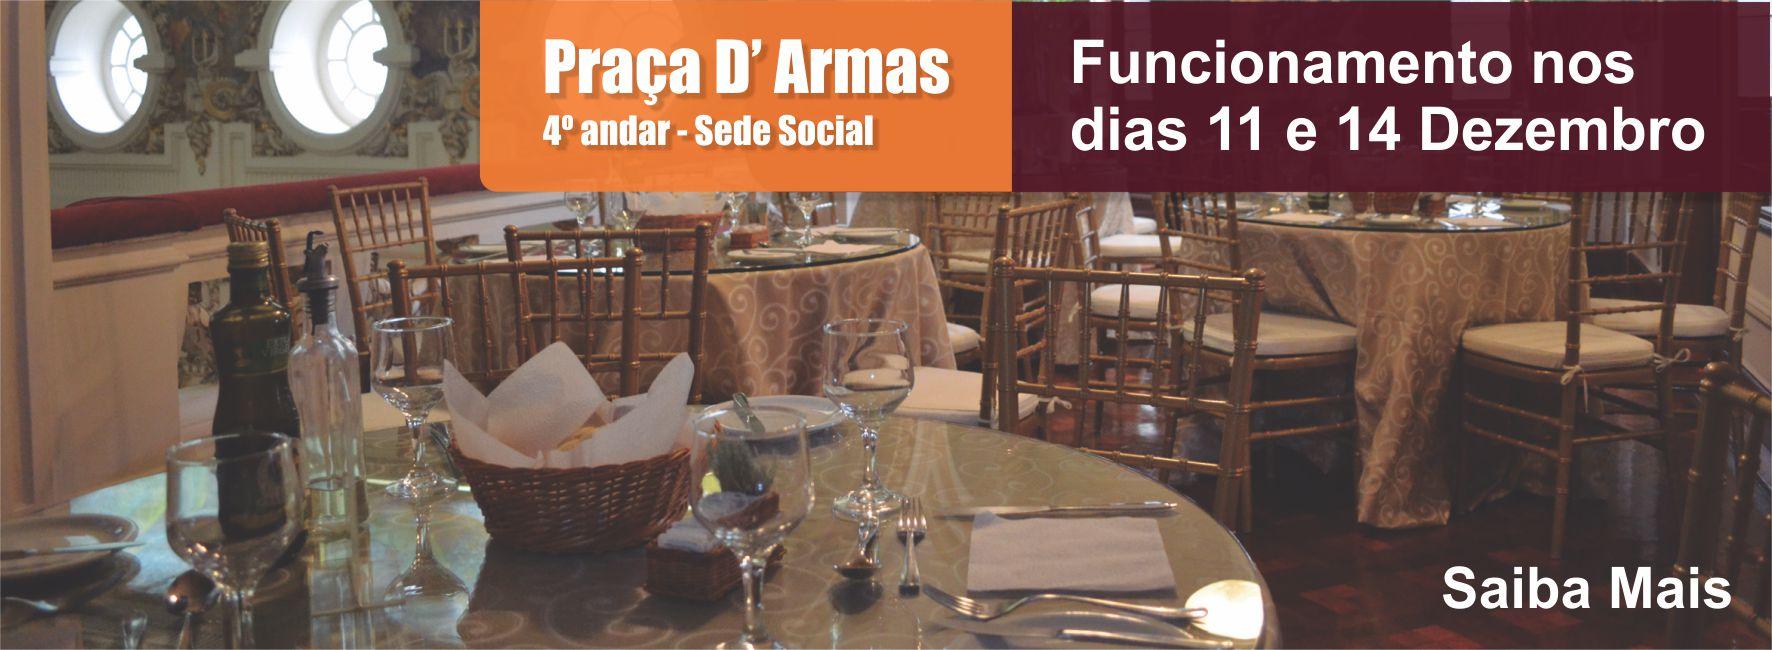 https://www.clubenaval.org.br/novo/funcionamento-do-restaurante-pra%C3%A7a-d-armas-em-dezembro